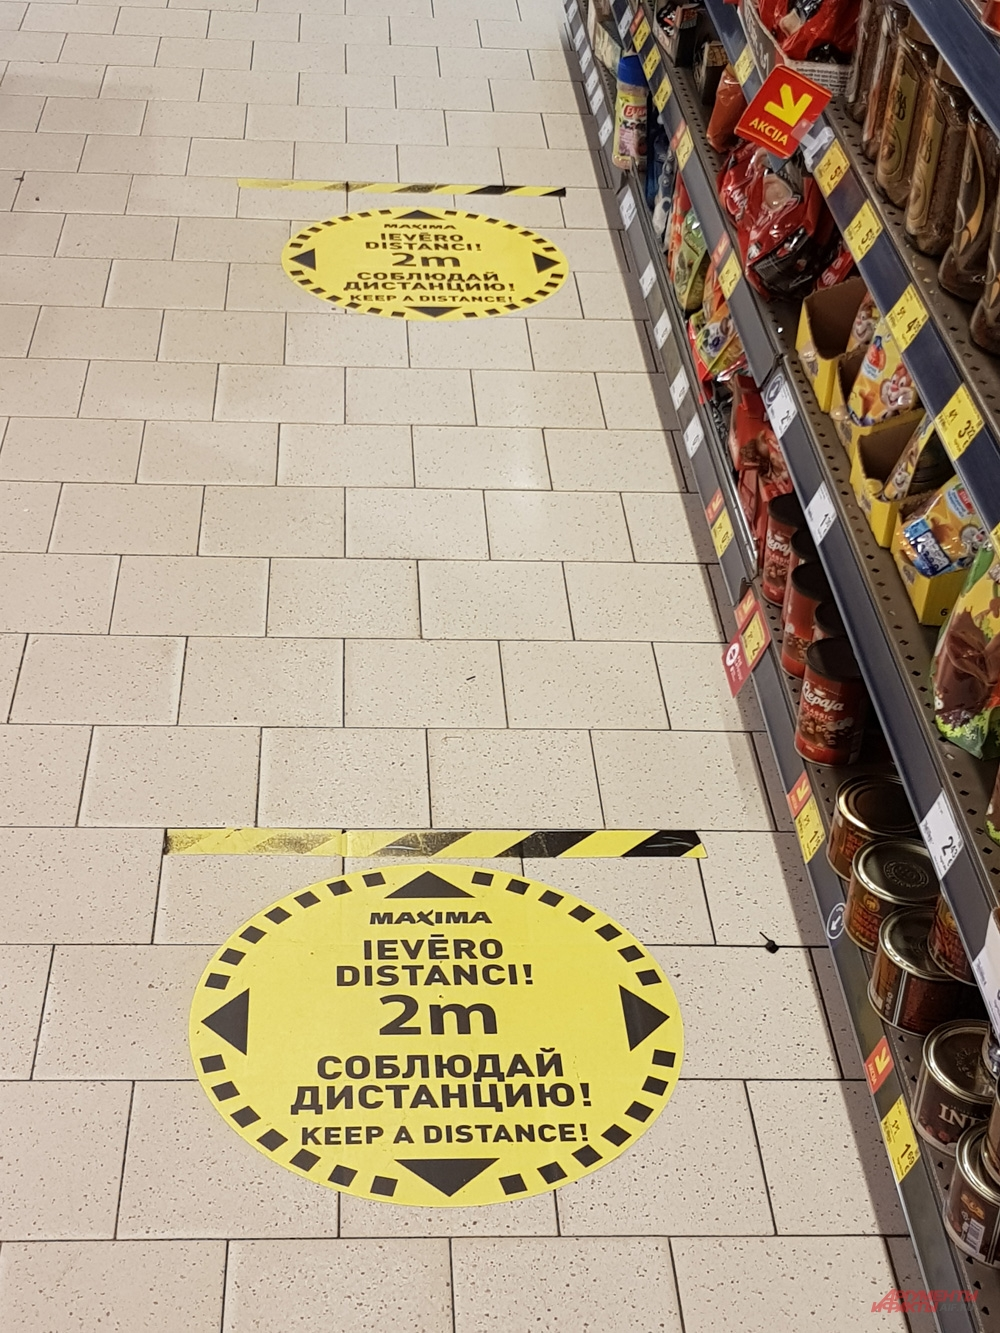 Наклейки о соблюдении дистанции 2 метра в магазине.